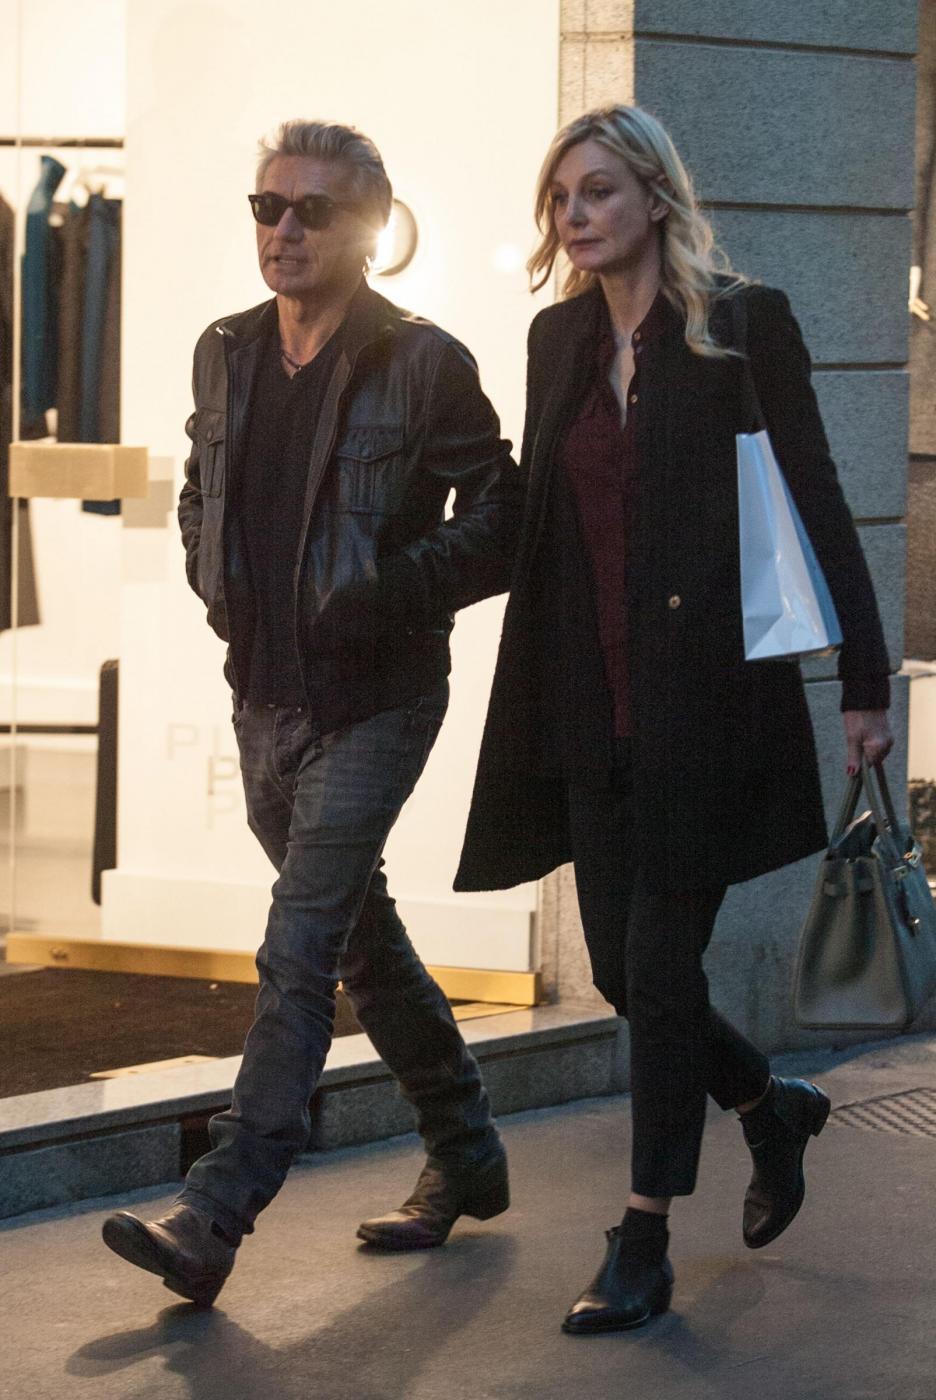 Luciano Ligabue e la moglie Barbara Pozzo a passeggio FOTO 4